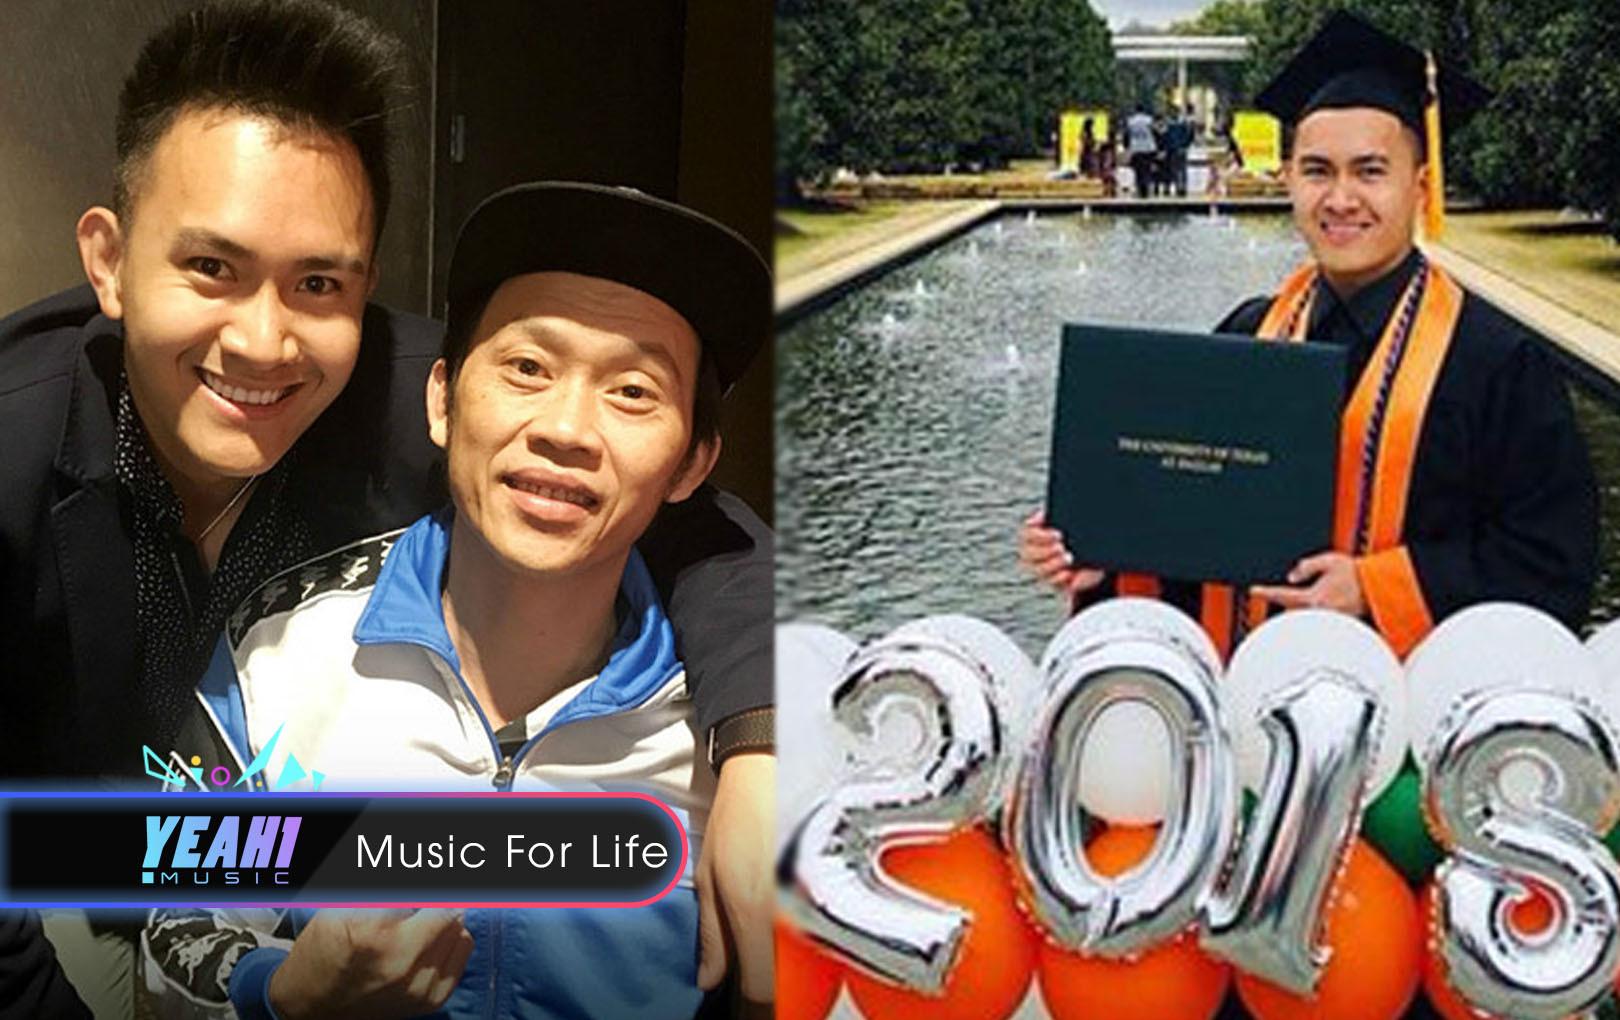 Không còn giấu kín, Hoài Linh công khai hình ảnh, chúc mừng con trai nhận bằng tốt nghiệp ở Mỹ